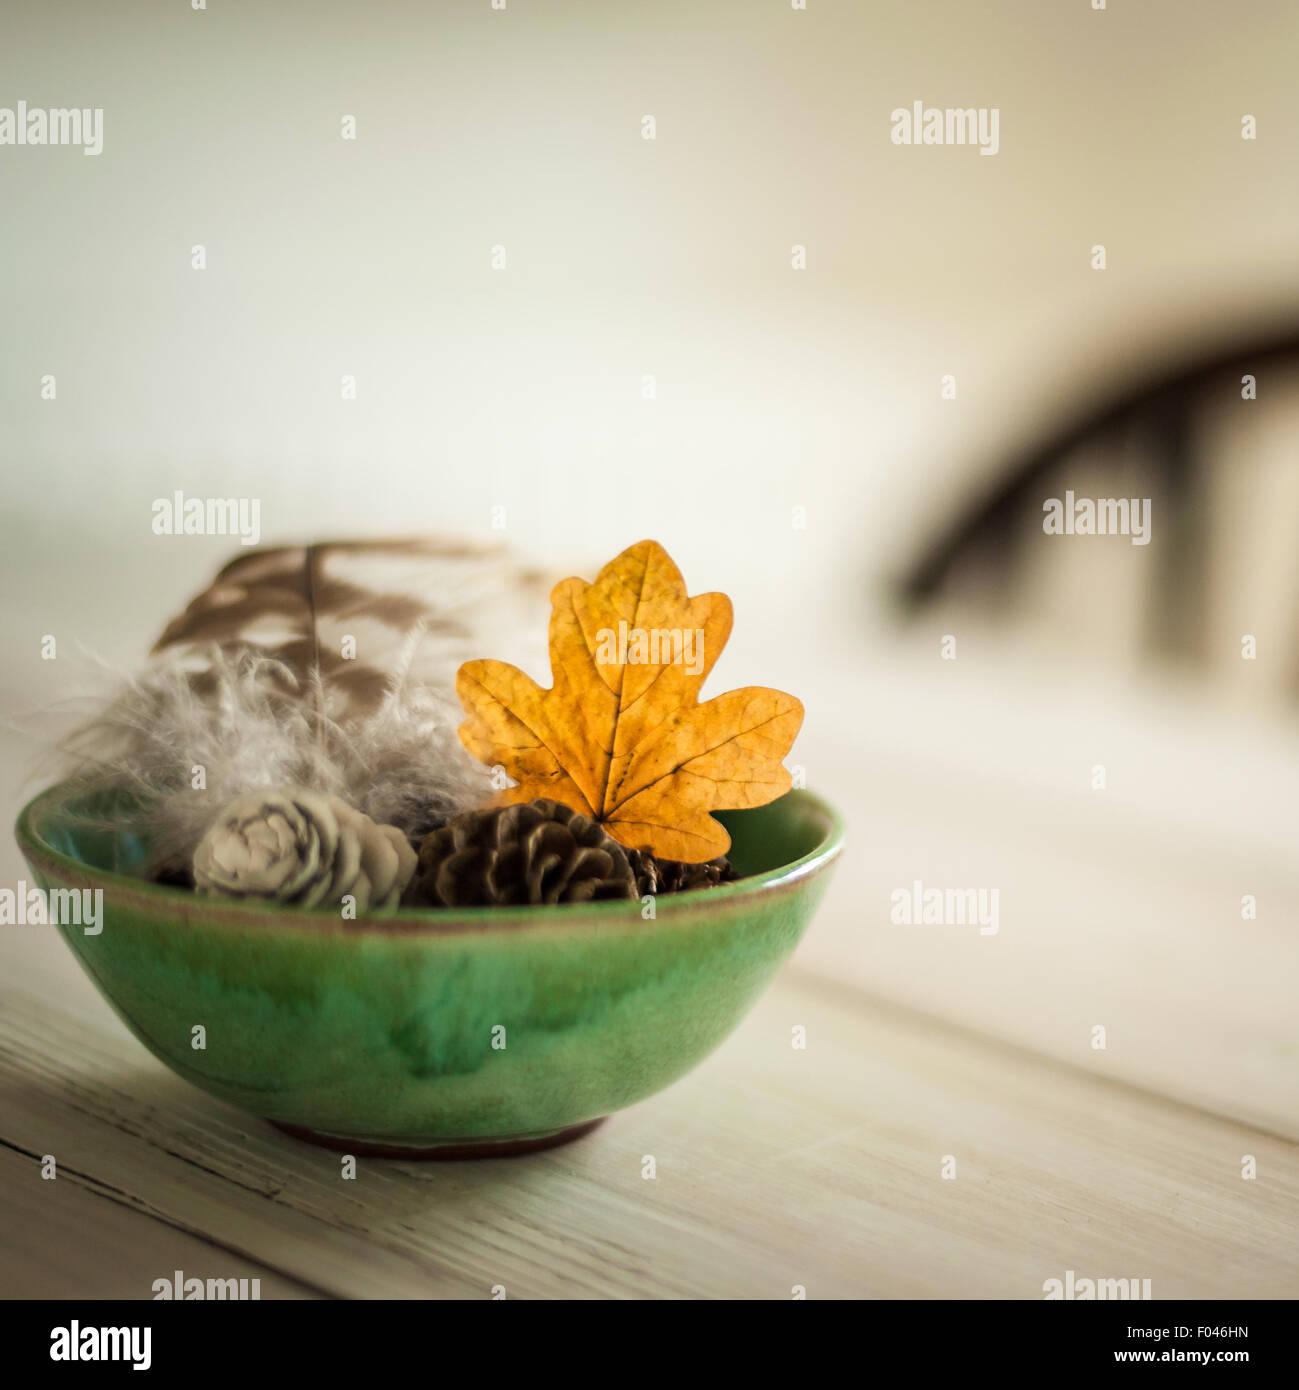 Riuniti a foglia, pigne nelle quali e giù in una ciotola verde sul tavolo con sedia sfocata in background Immagini Stock